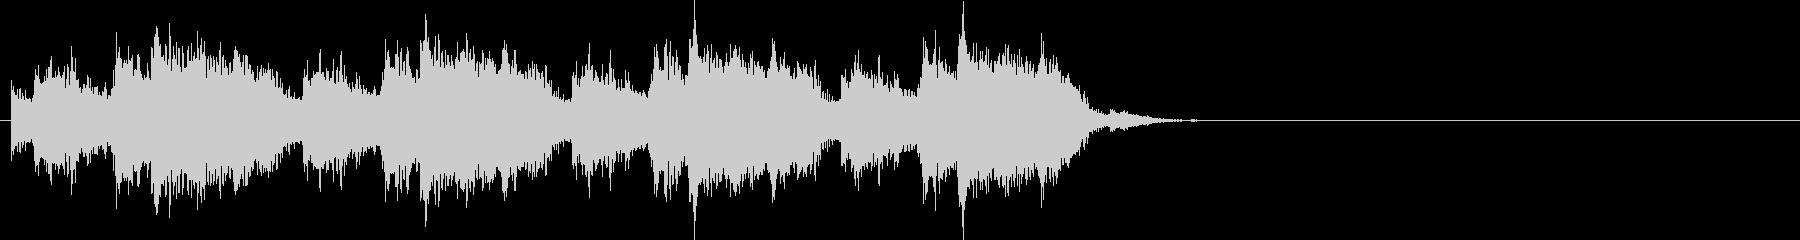 ジリリリリン (固定電話の音)の未再生の波形